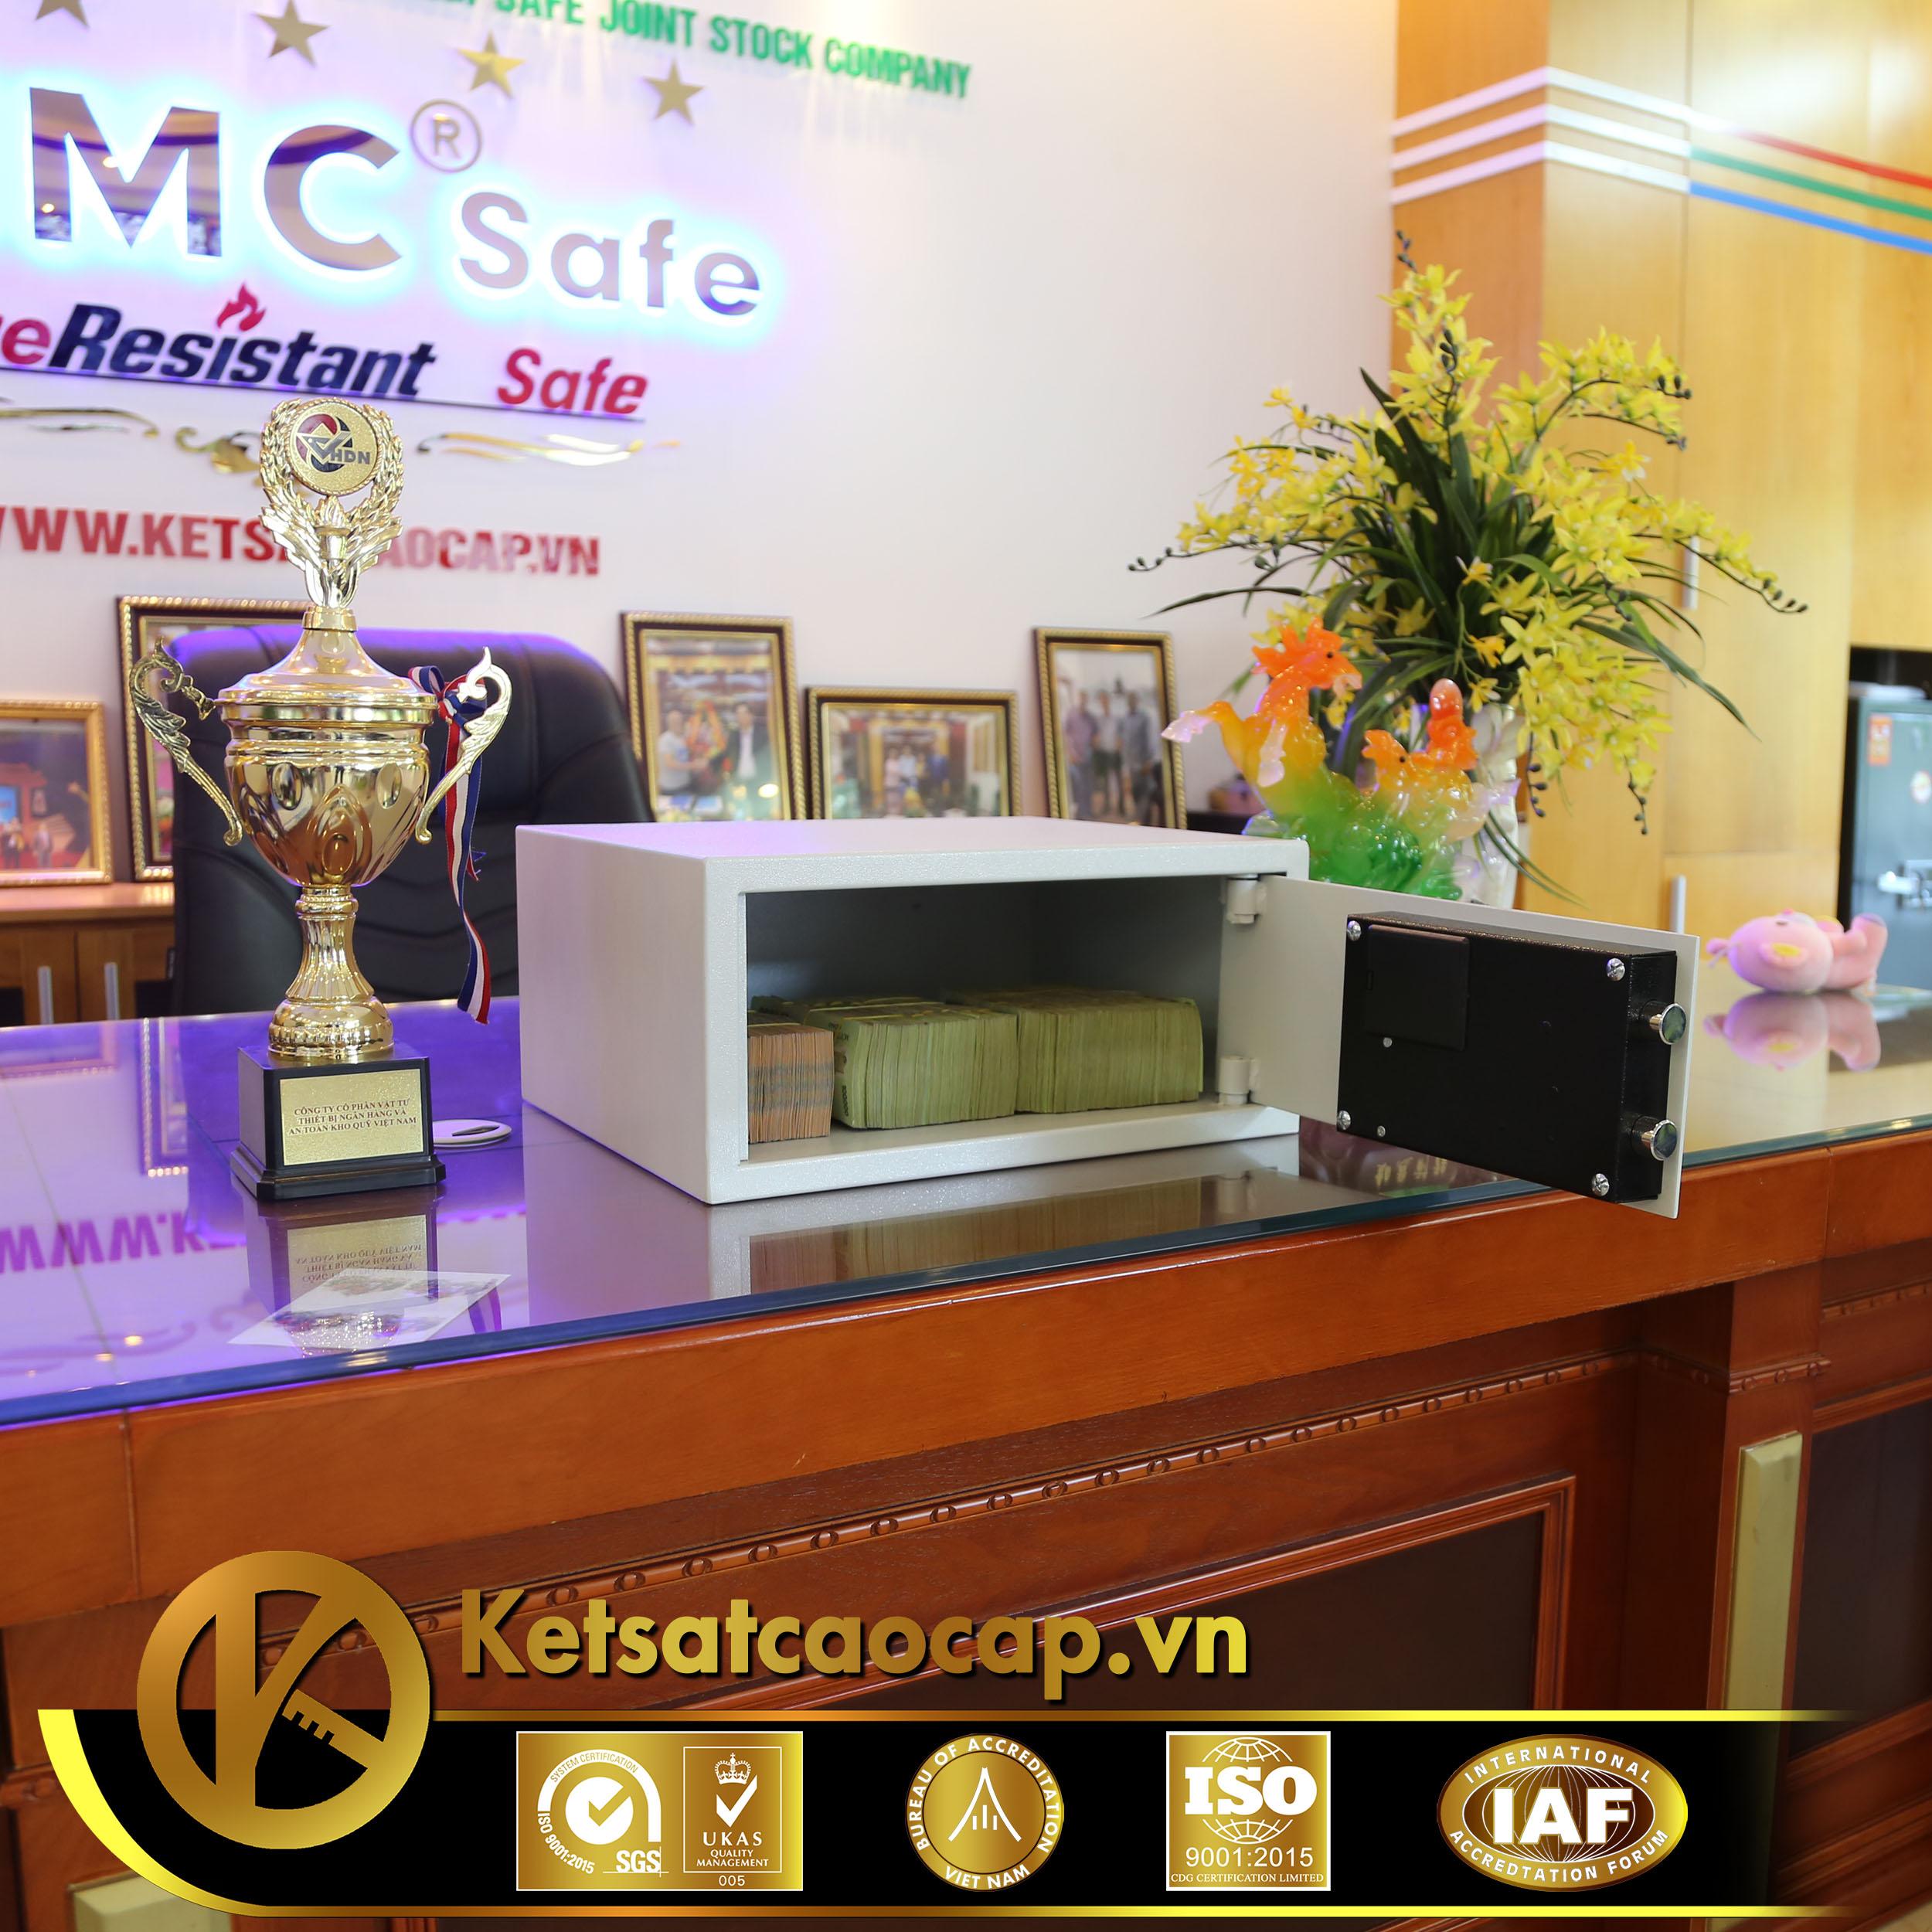 Két sắt khách sạn KS421-BDT